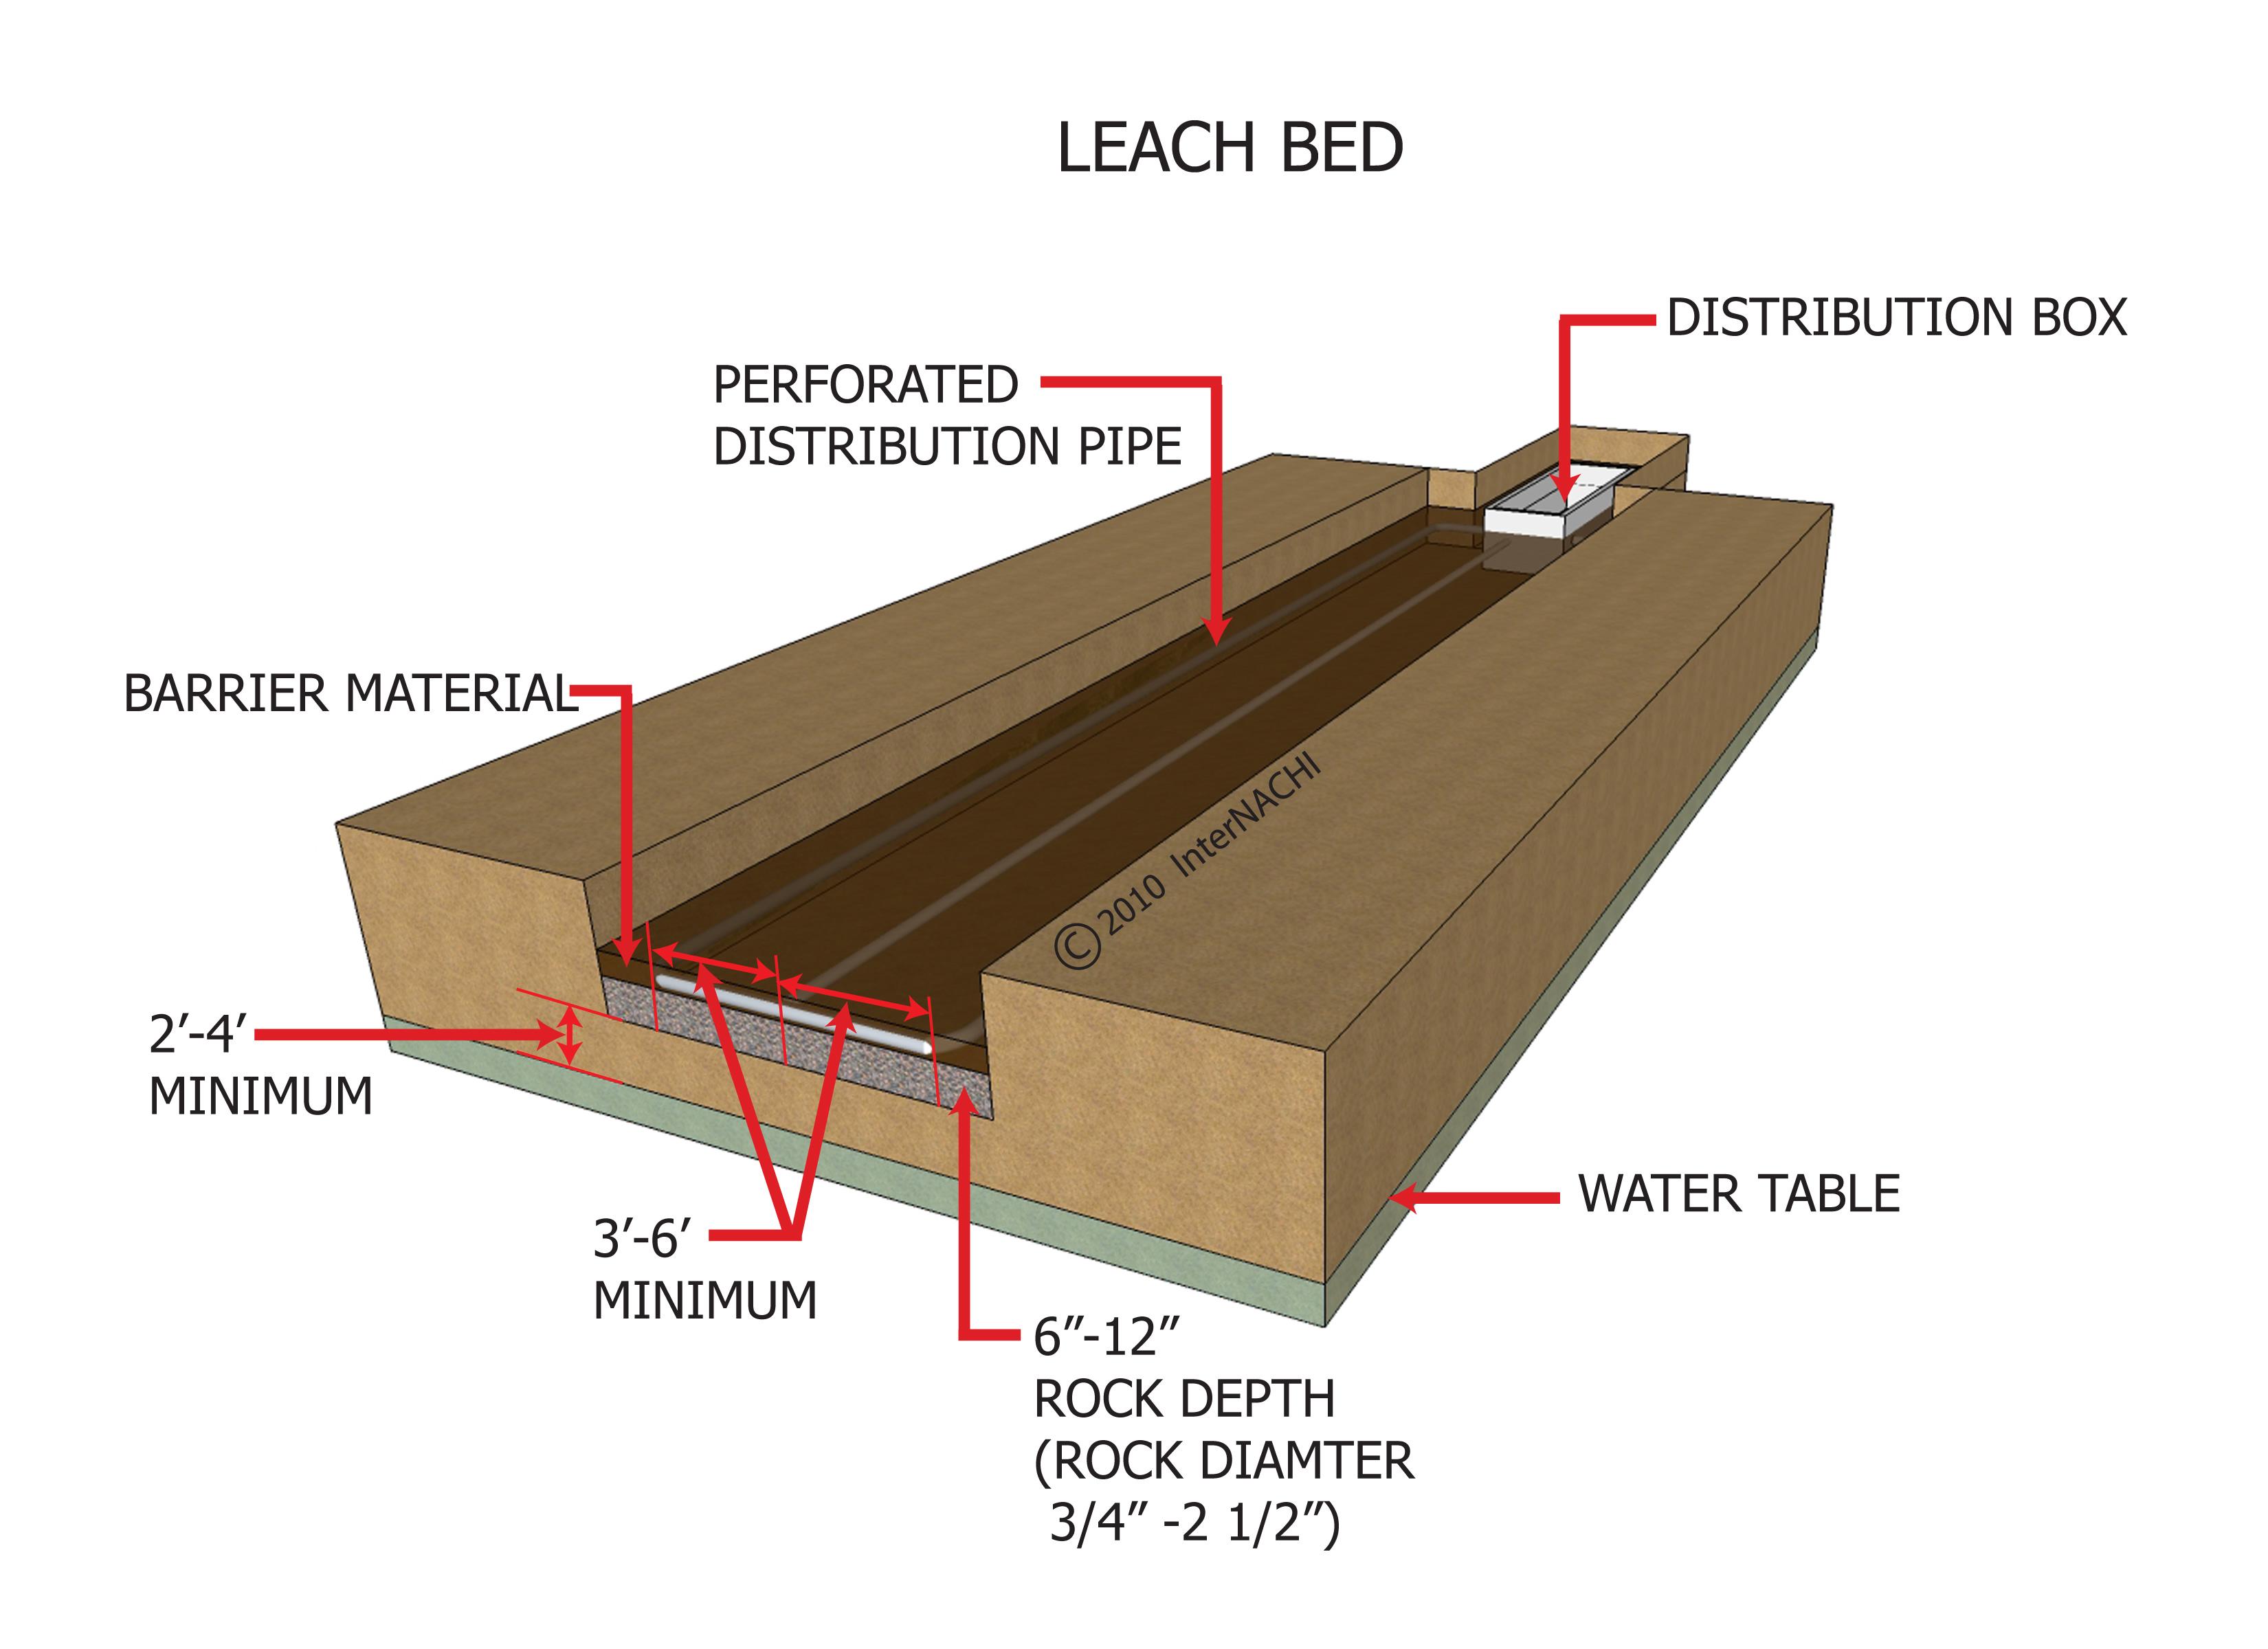 Leach bed.